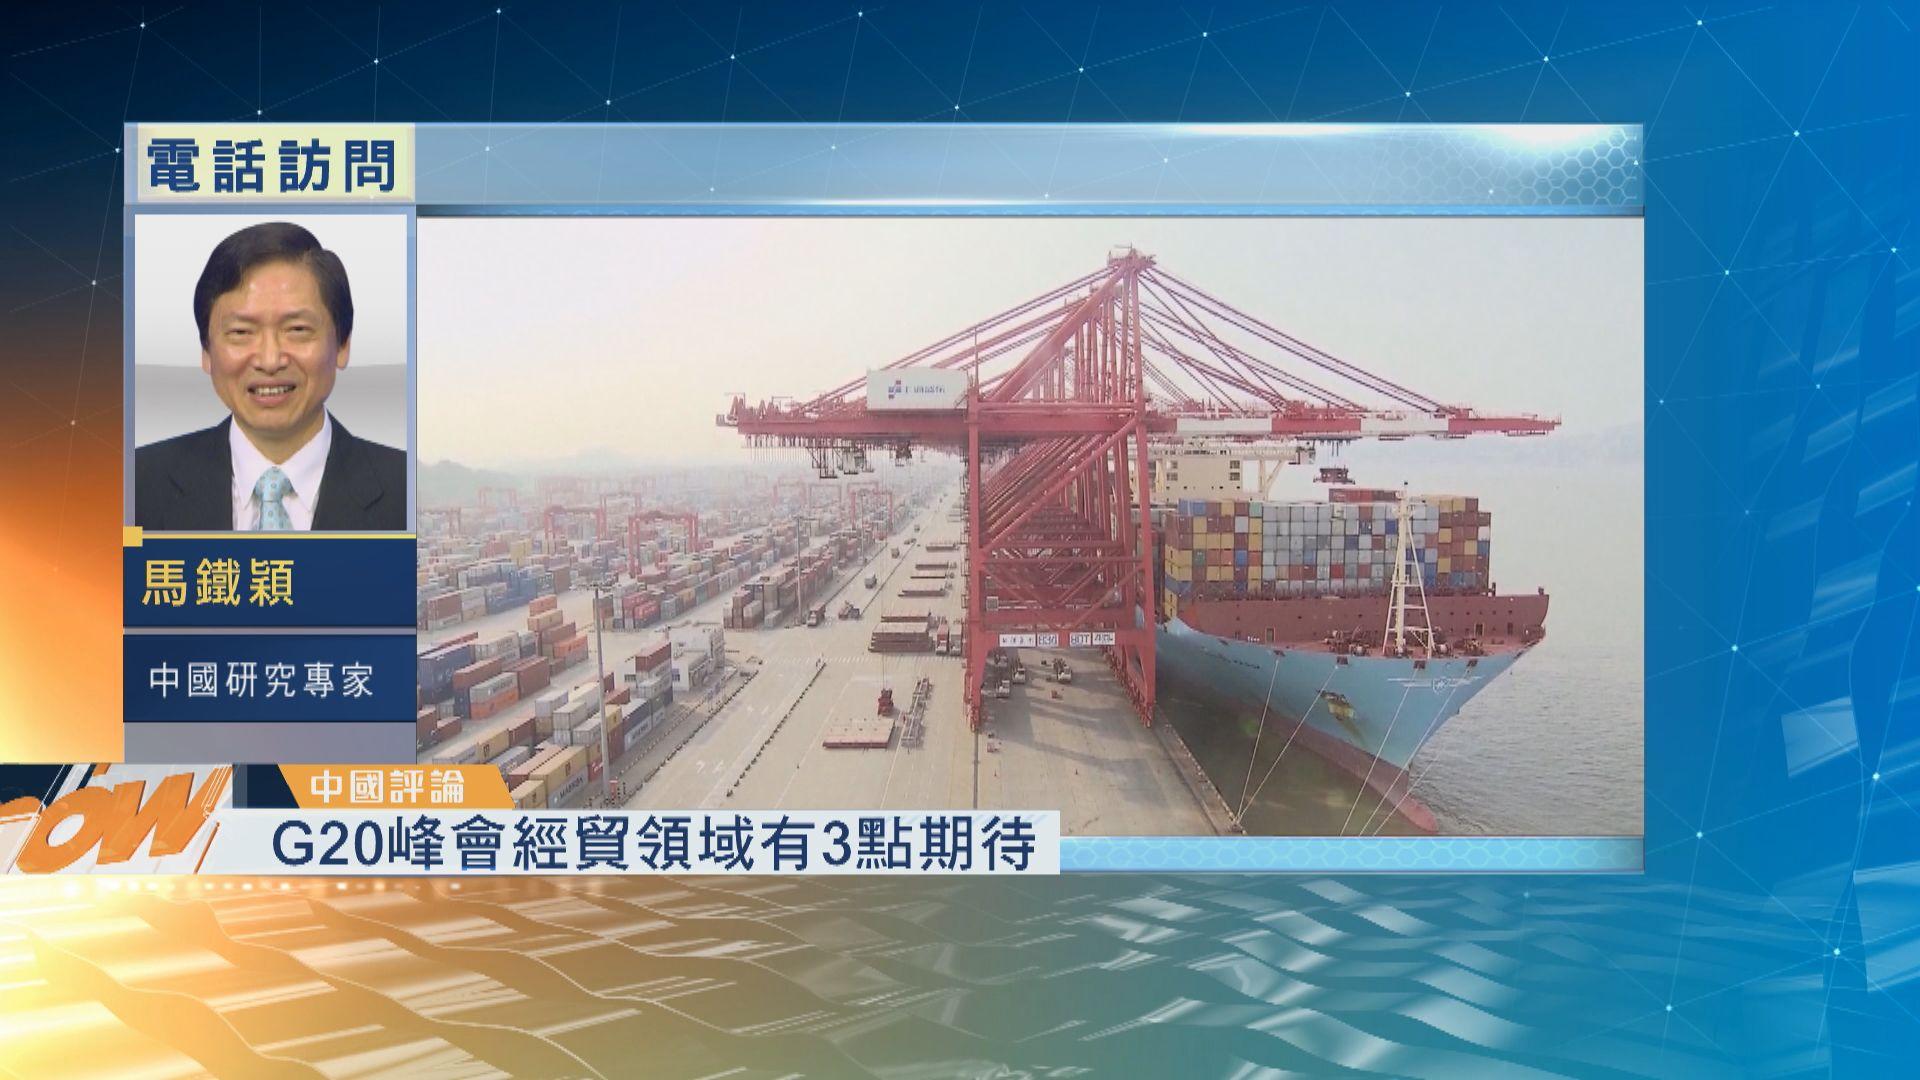 【中國評論】G20峰會中美會面成焦點